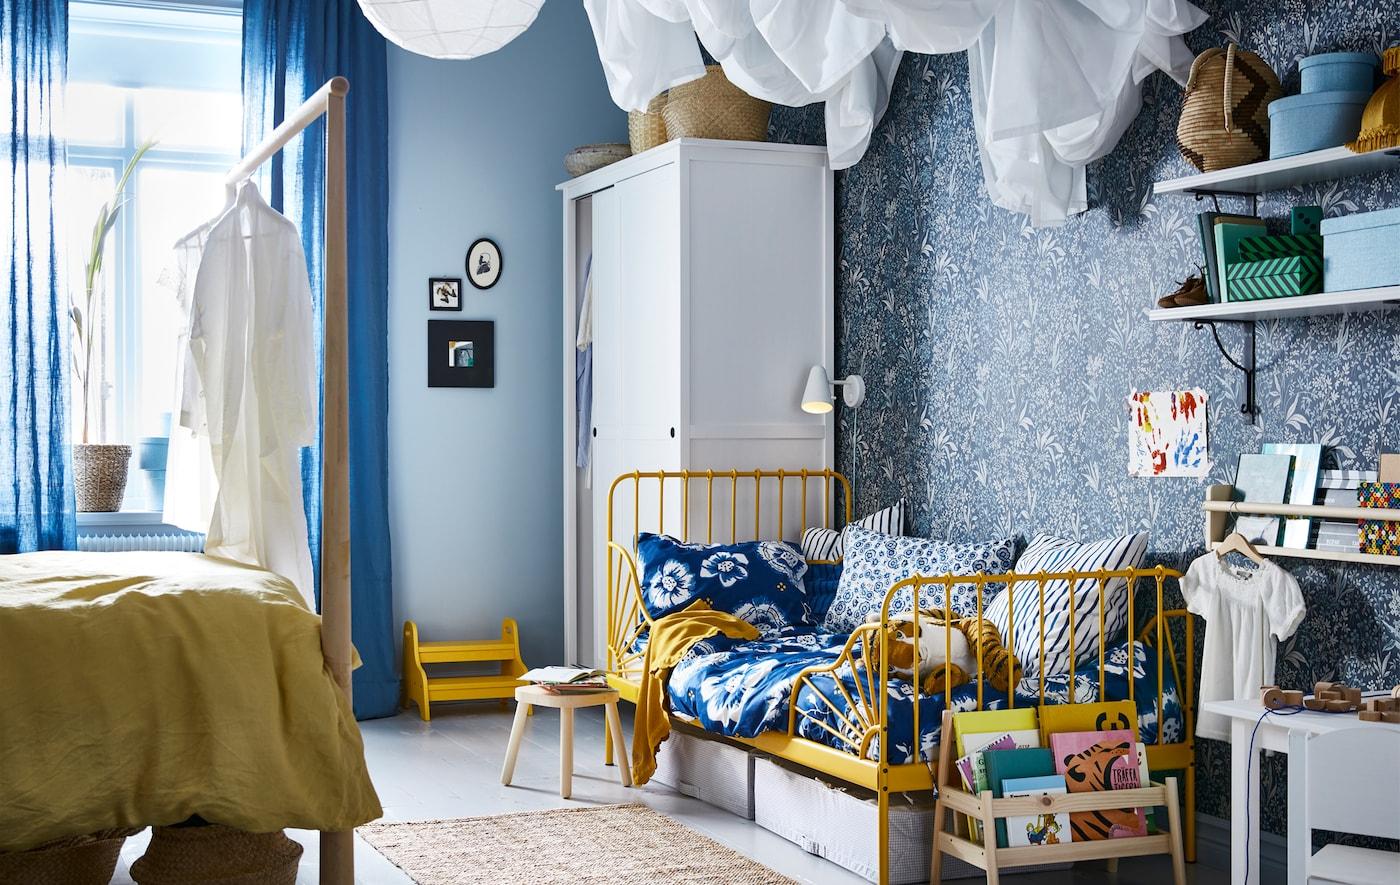 Ein Schlafzimmer in Blau-Gelb, ein Erwachsenenbett auf der einen, ein Kinderbett auf der anderen Seite.